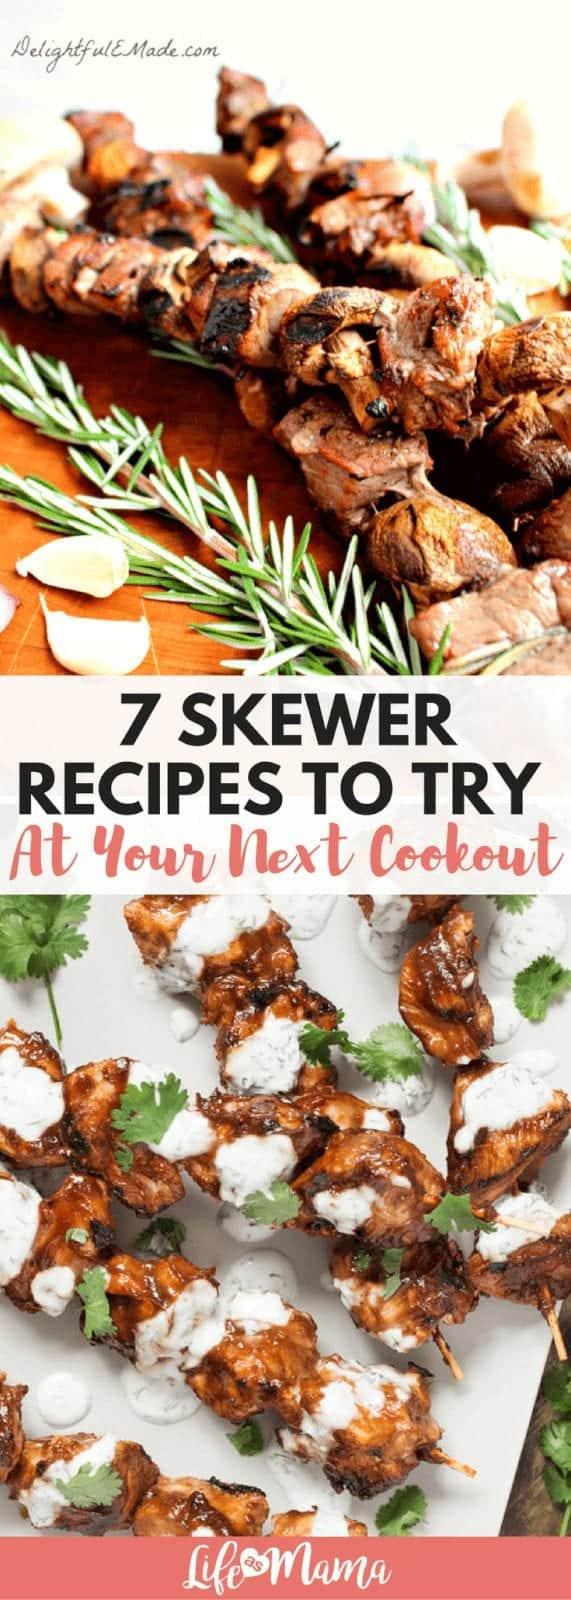 skewer recipes